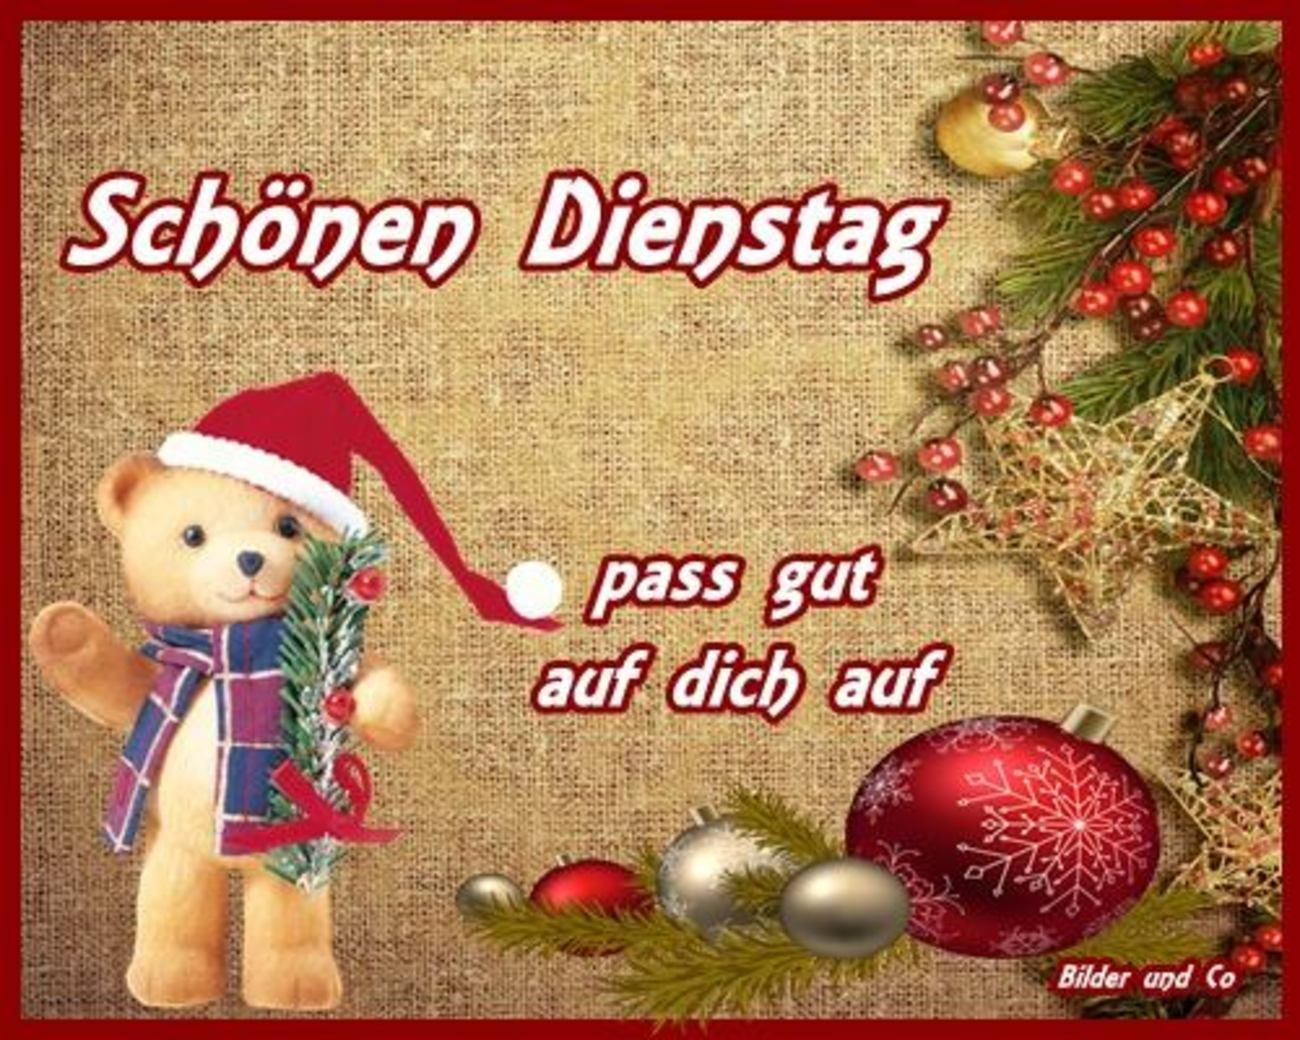 Guten Morgen Schönen Dienstag Weihnachten 86 Gbpicsbildercom